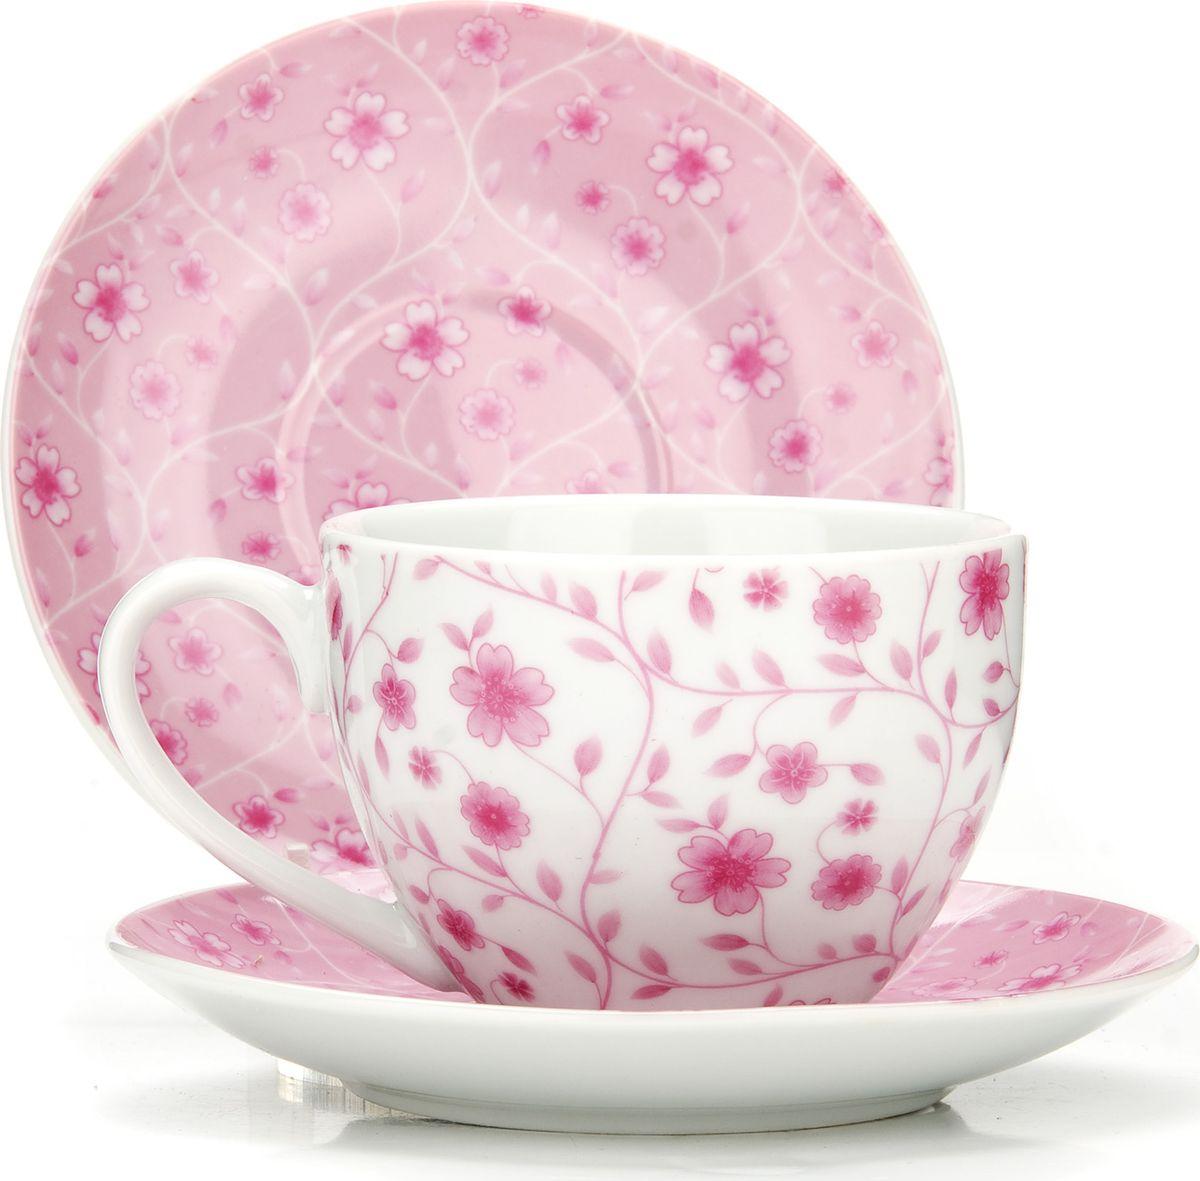 Сервиз чайный Loraine, на подставке, 13 предметов. 43291 сервиз чайный loraine на подставке 13 предметов 43295